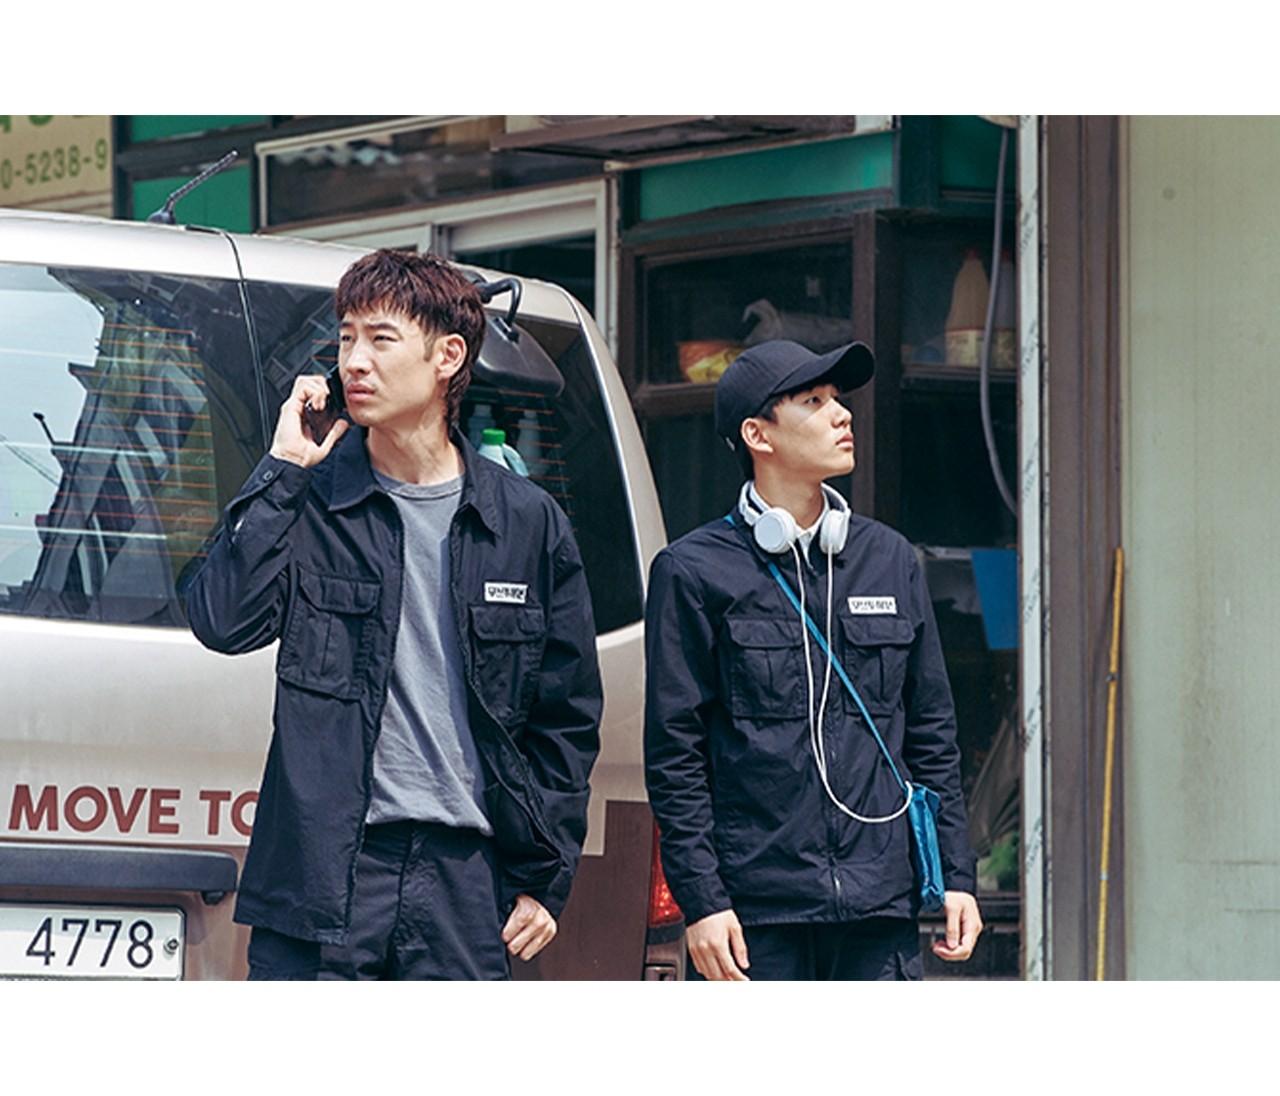 ネトフリオリジナルの韓国ドラマ「ムーブ・トゥ・ヘブン:私は遺品整理士です」をレビュー!【海外ドラマナビ】